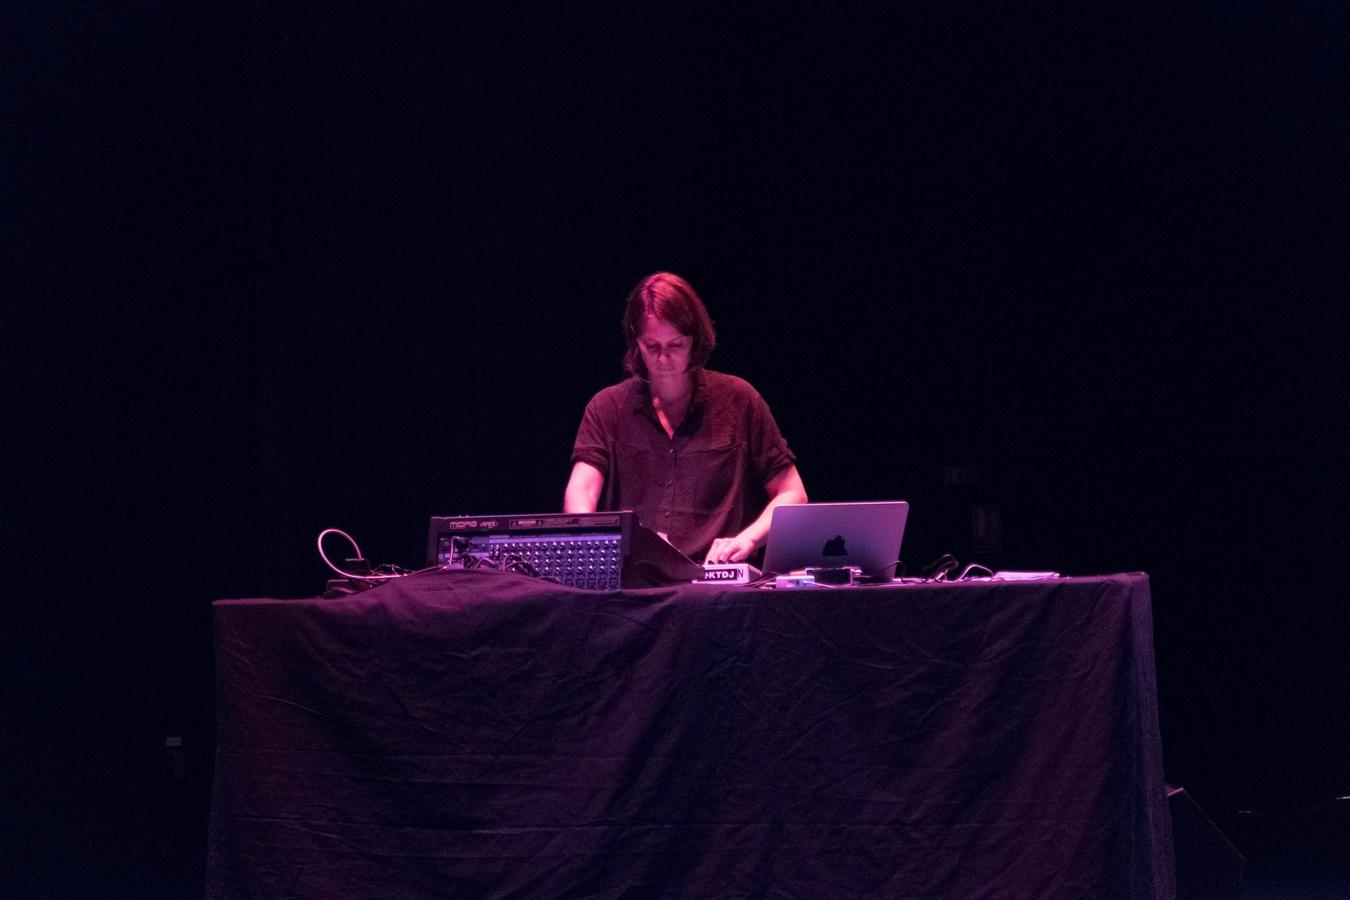 HongKong Reset, Jérôme Game, Chloe, Photo : Donadio - ActOral, 2015